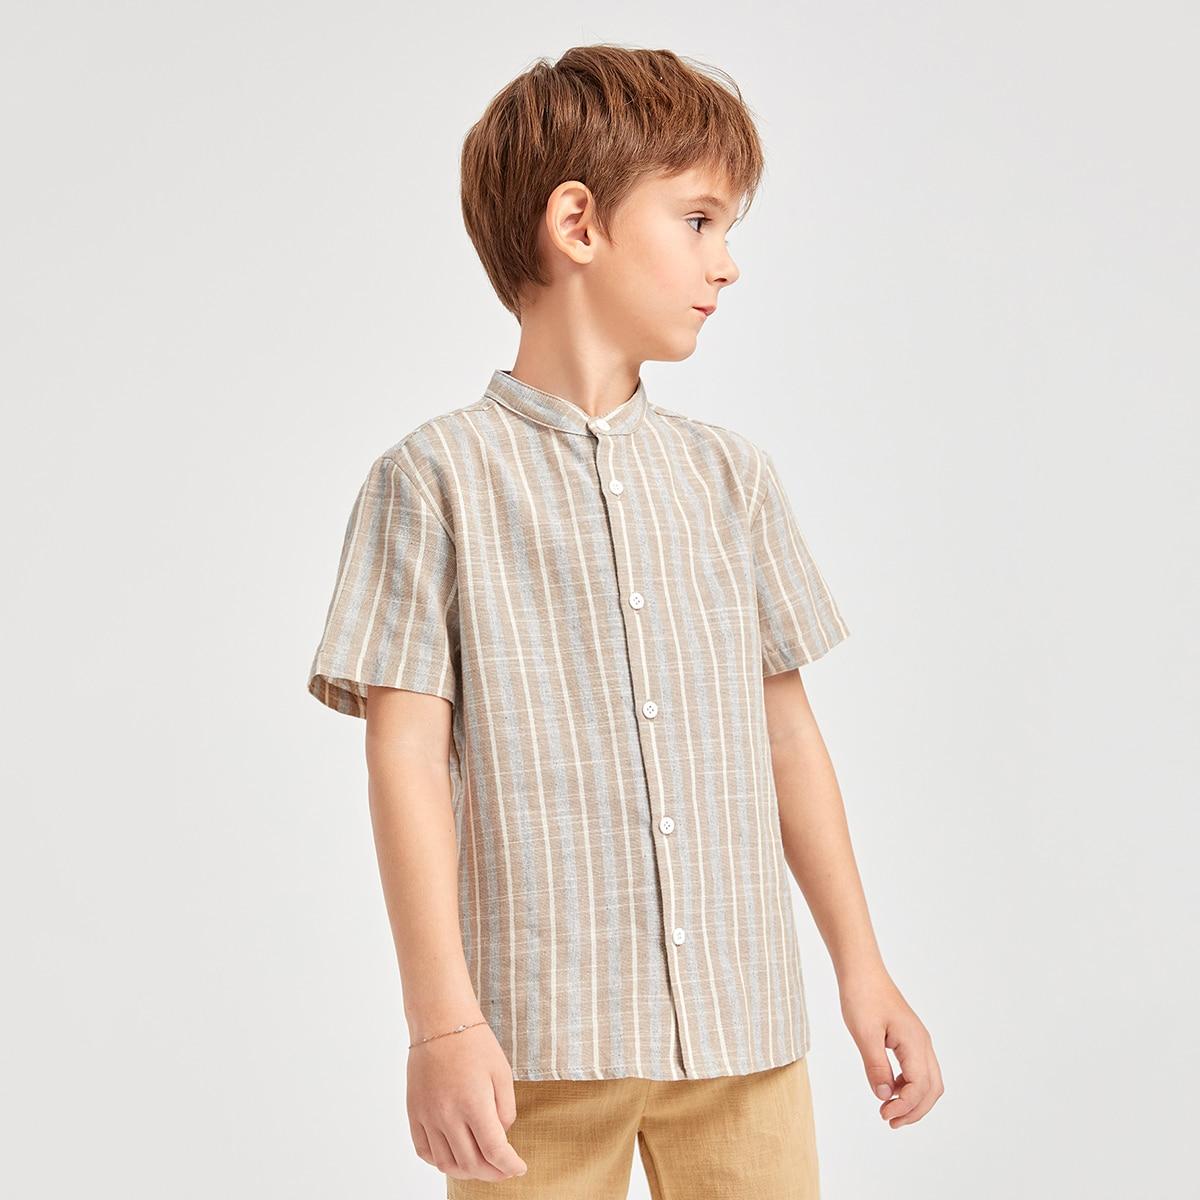 Рубашка из 60% хлопка в полоску с воротником-стойкой для мальчиков